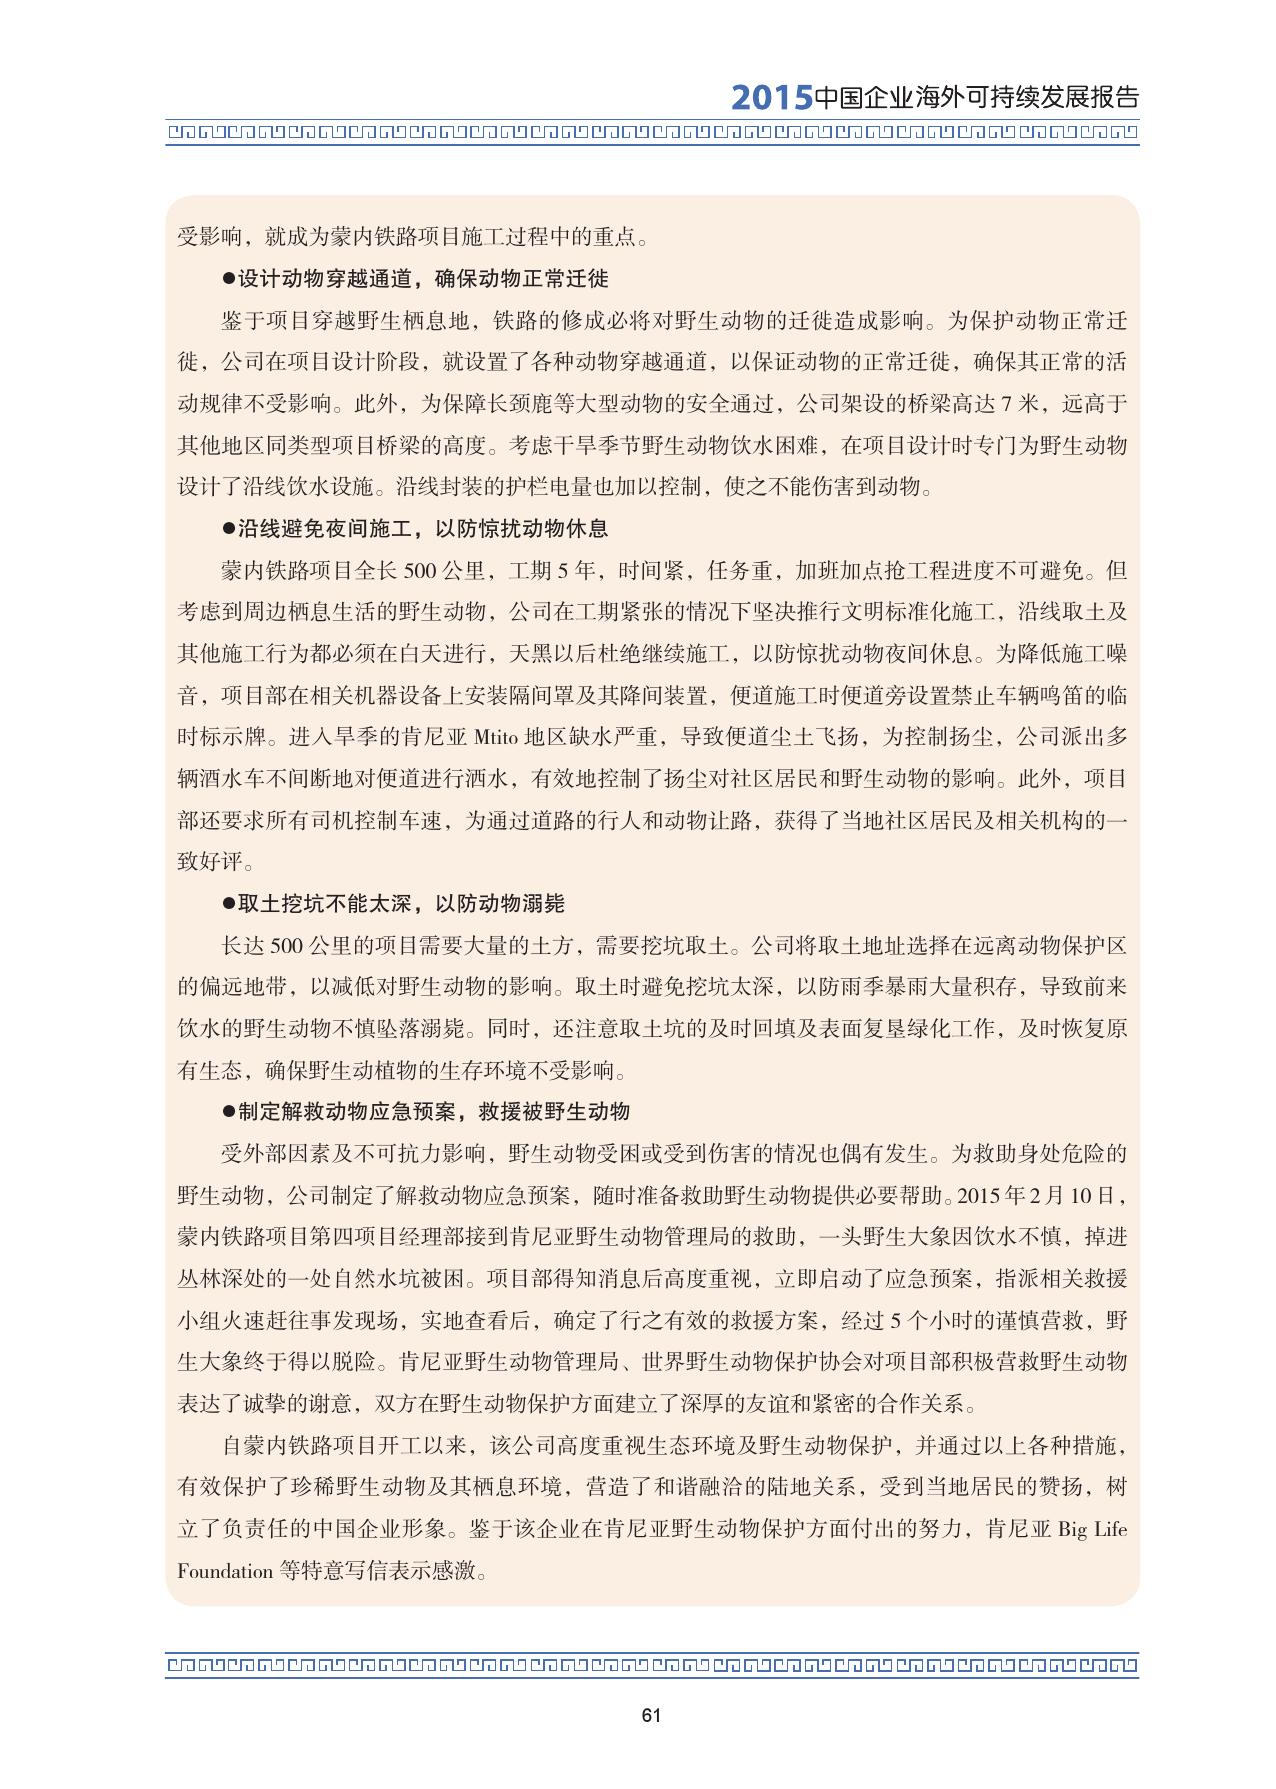 2015中国企业海外可持续发展报告_000075